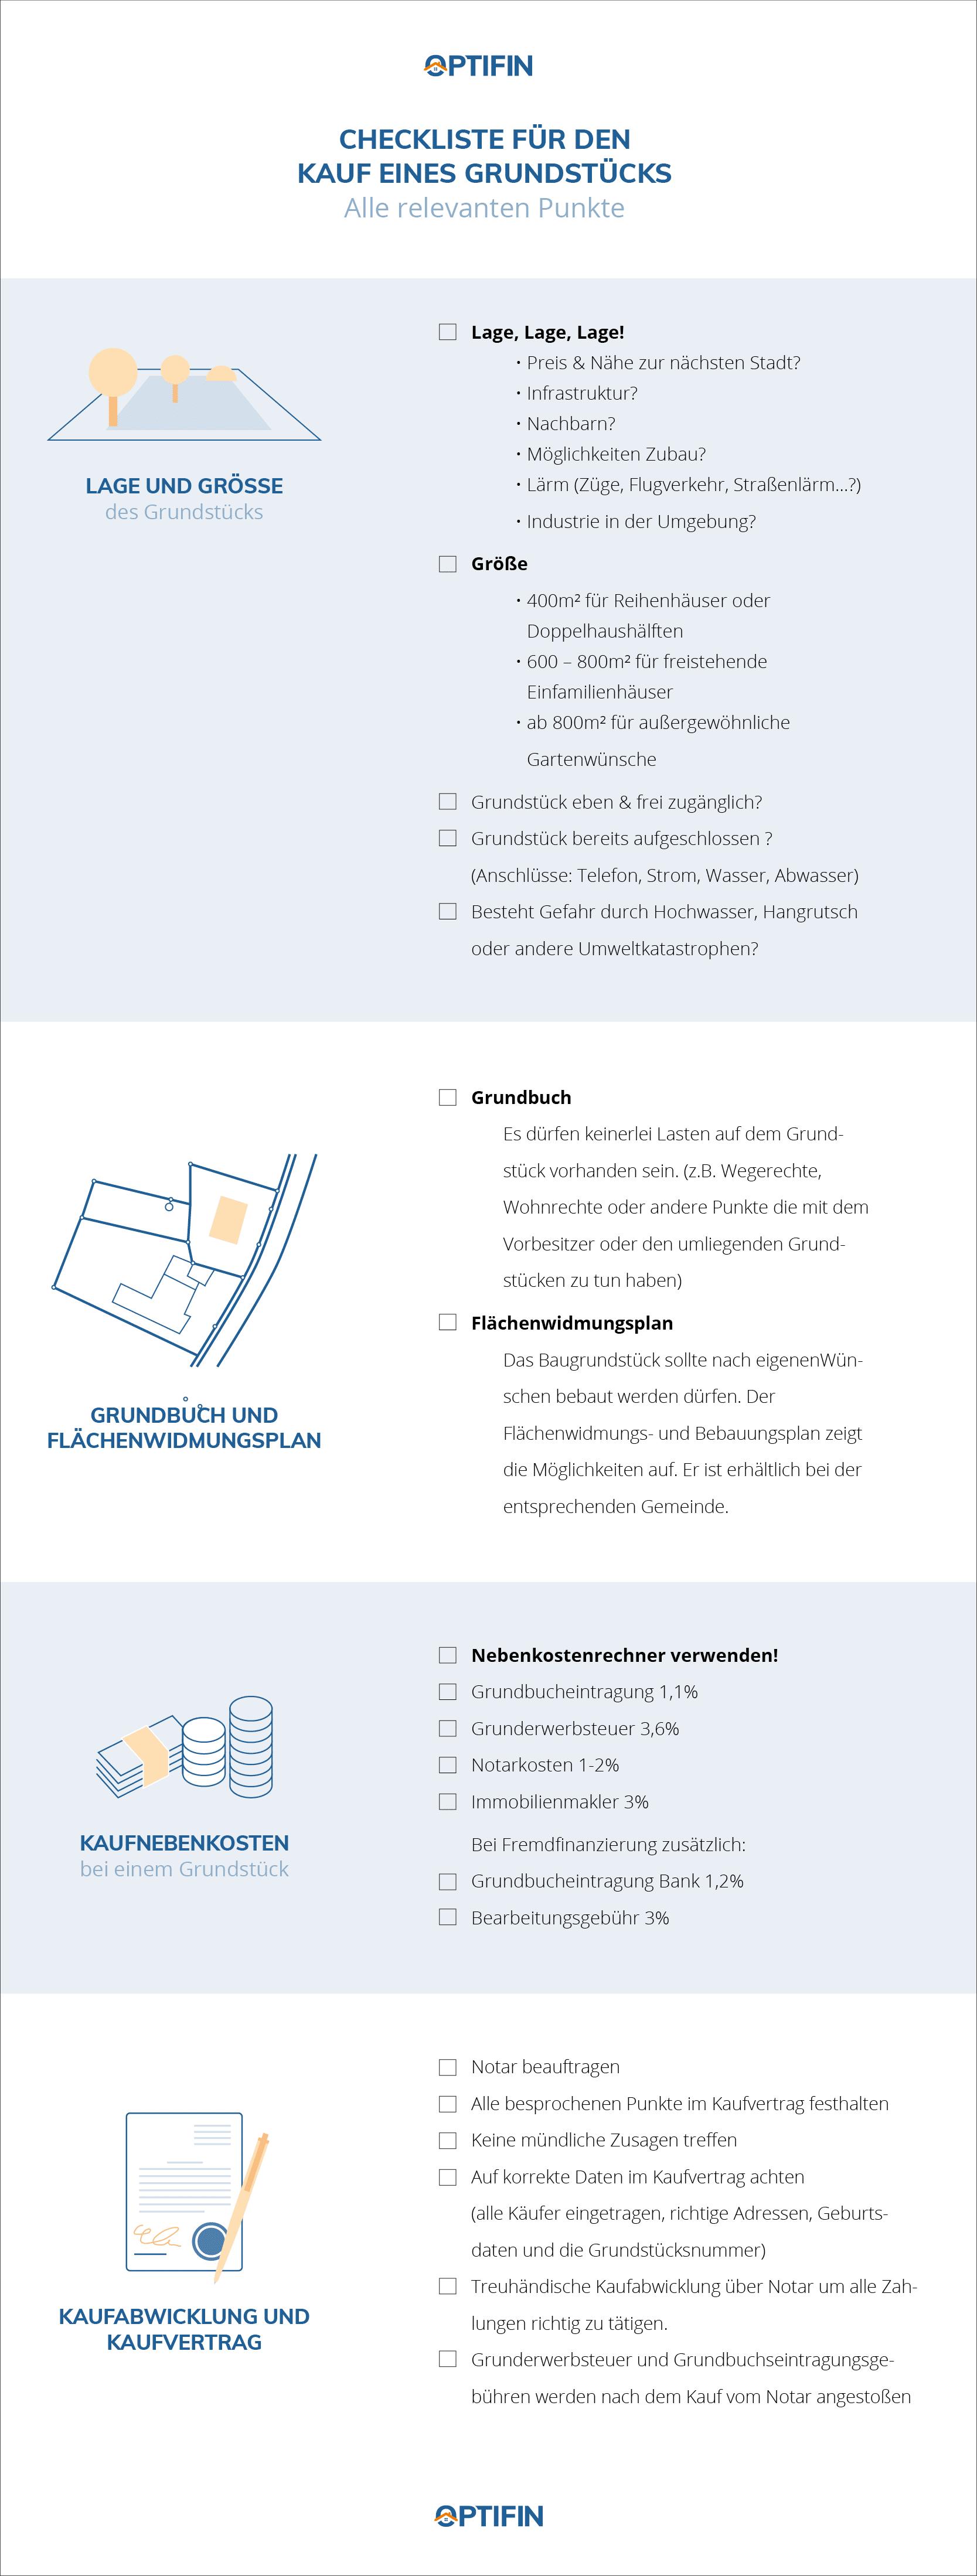 Checkliste_Grundstueck-kaufen